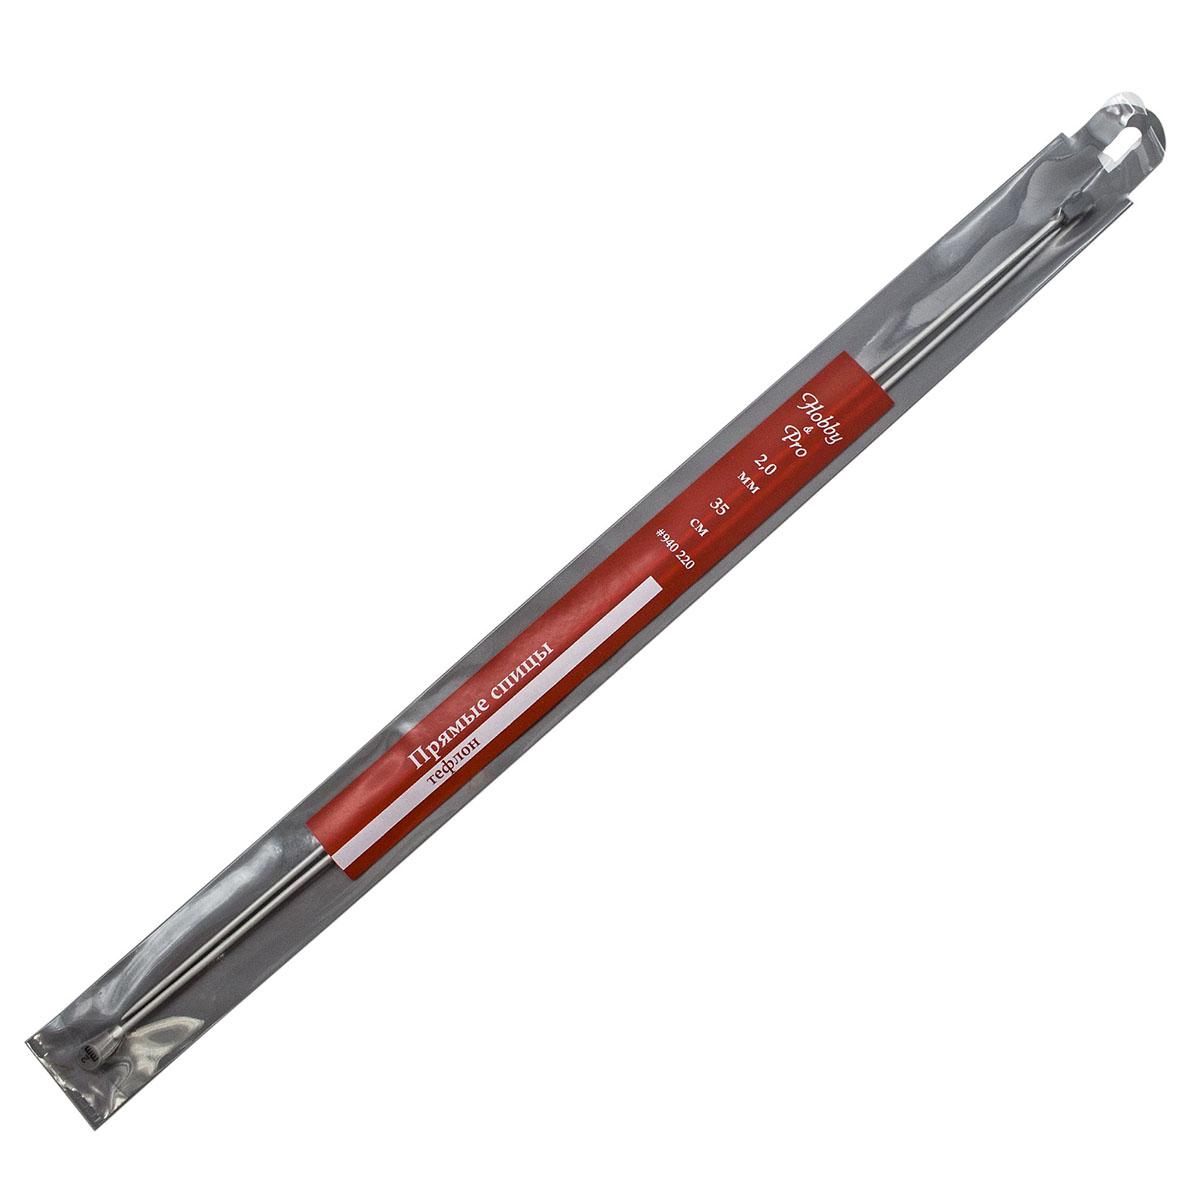 940220/940202 Спицы прямые алюминиевые с покрытием, 35 см*2 мм, Hobby&Pro